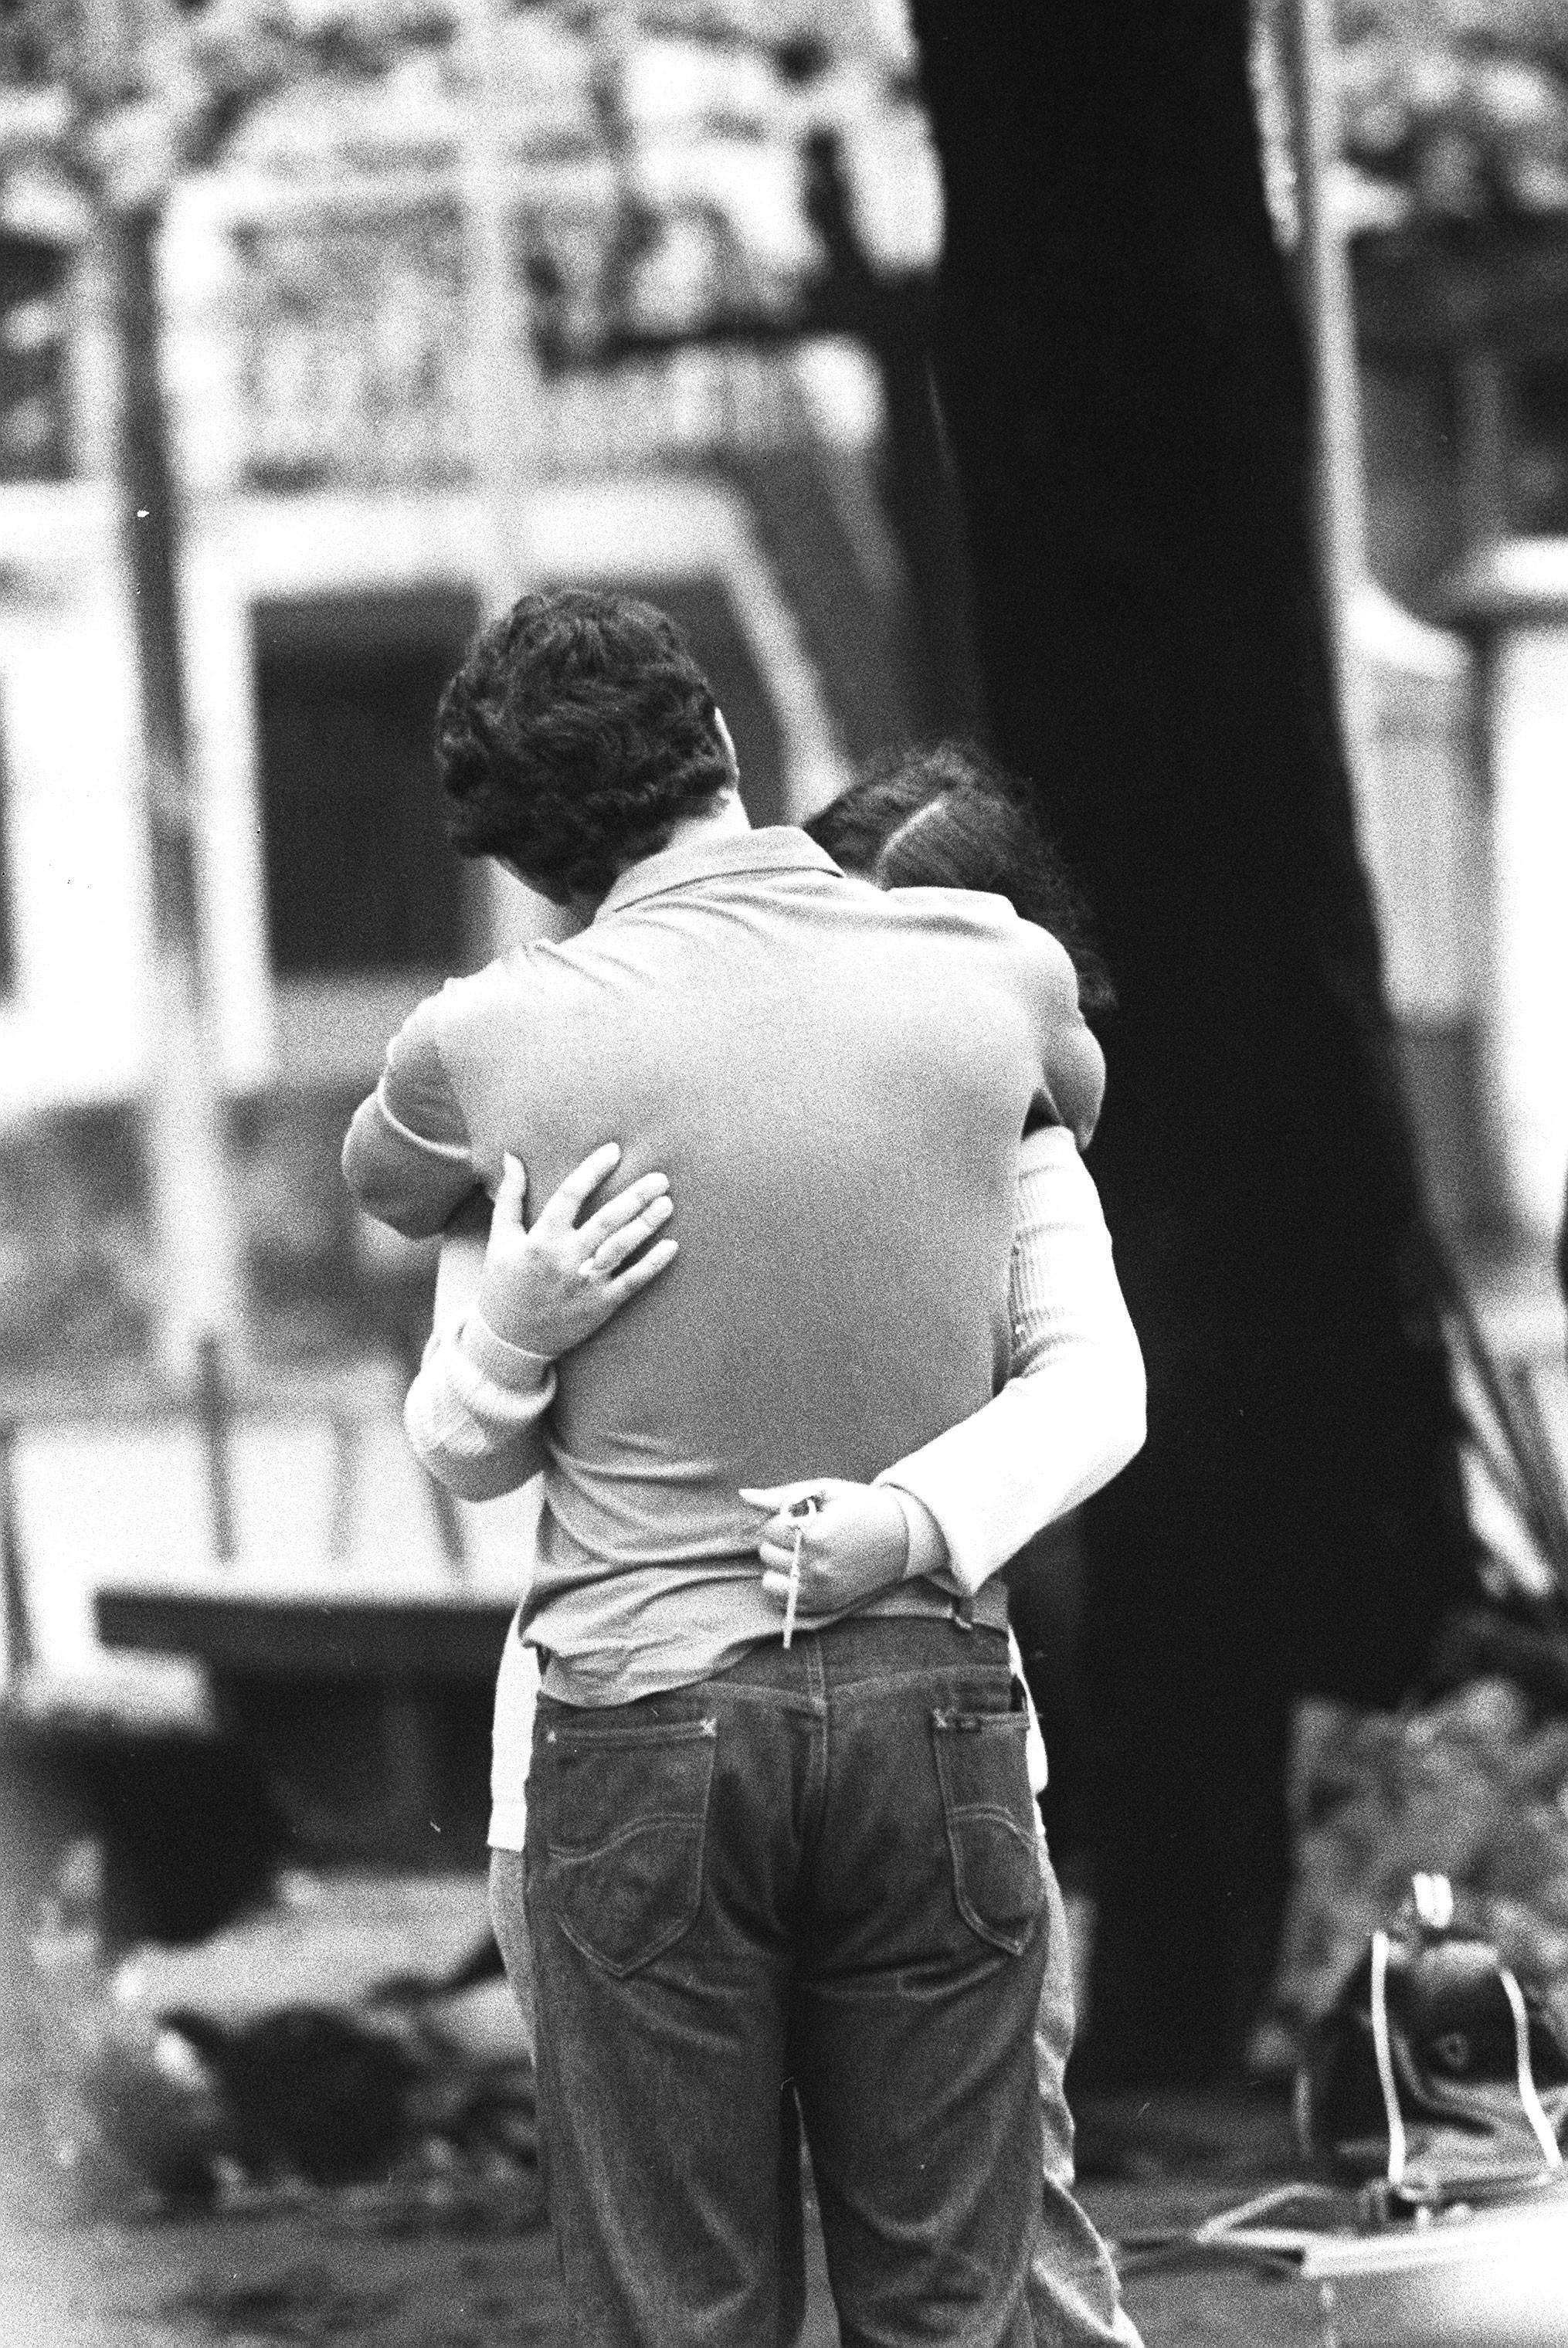 Casal se protege do frio com um abraço apertado, em junho de 1971